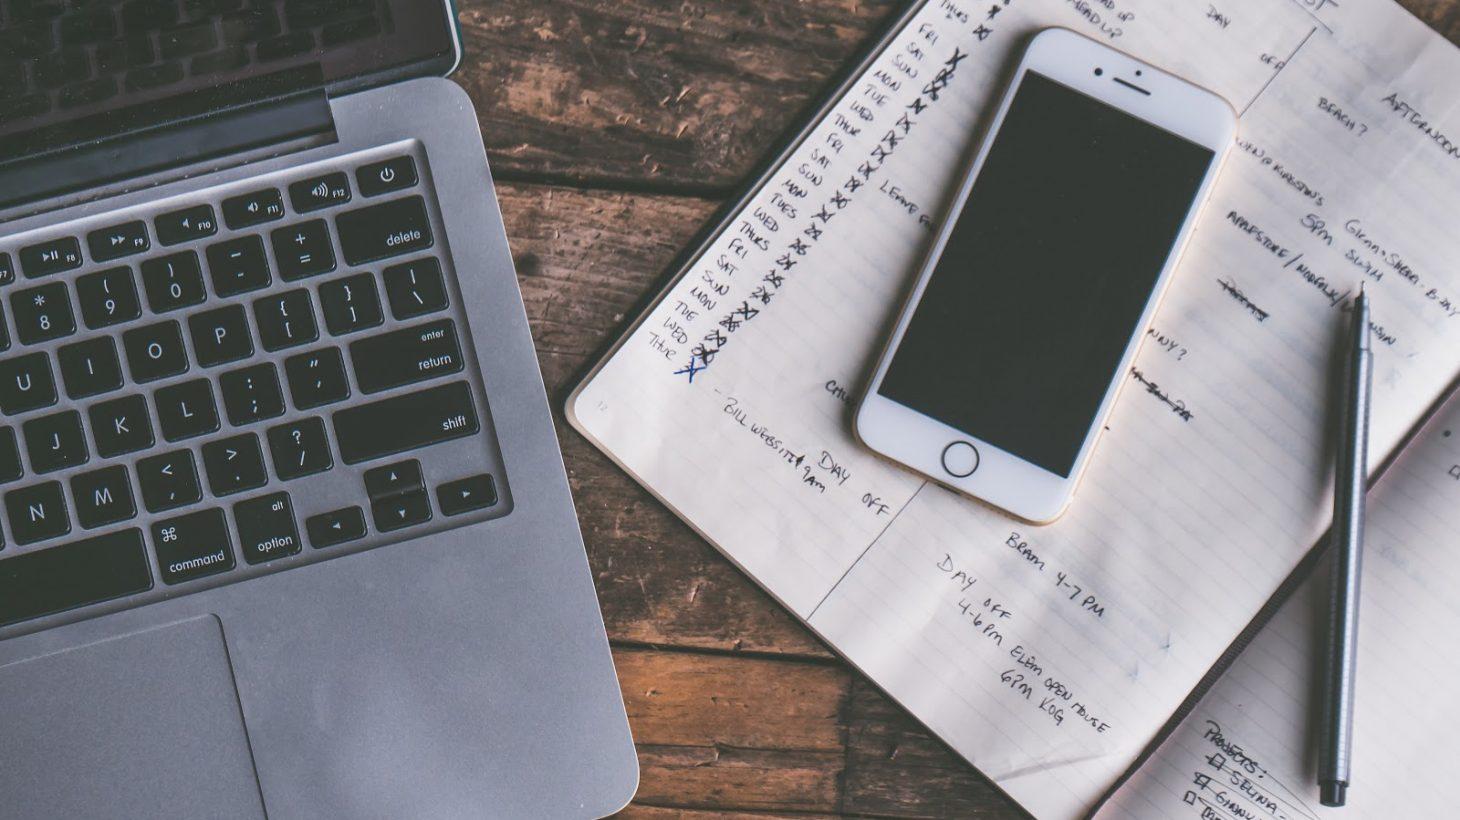 Dator, mobil och almanacka ligger uppslaget på bord.